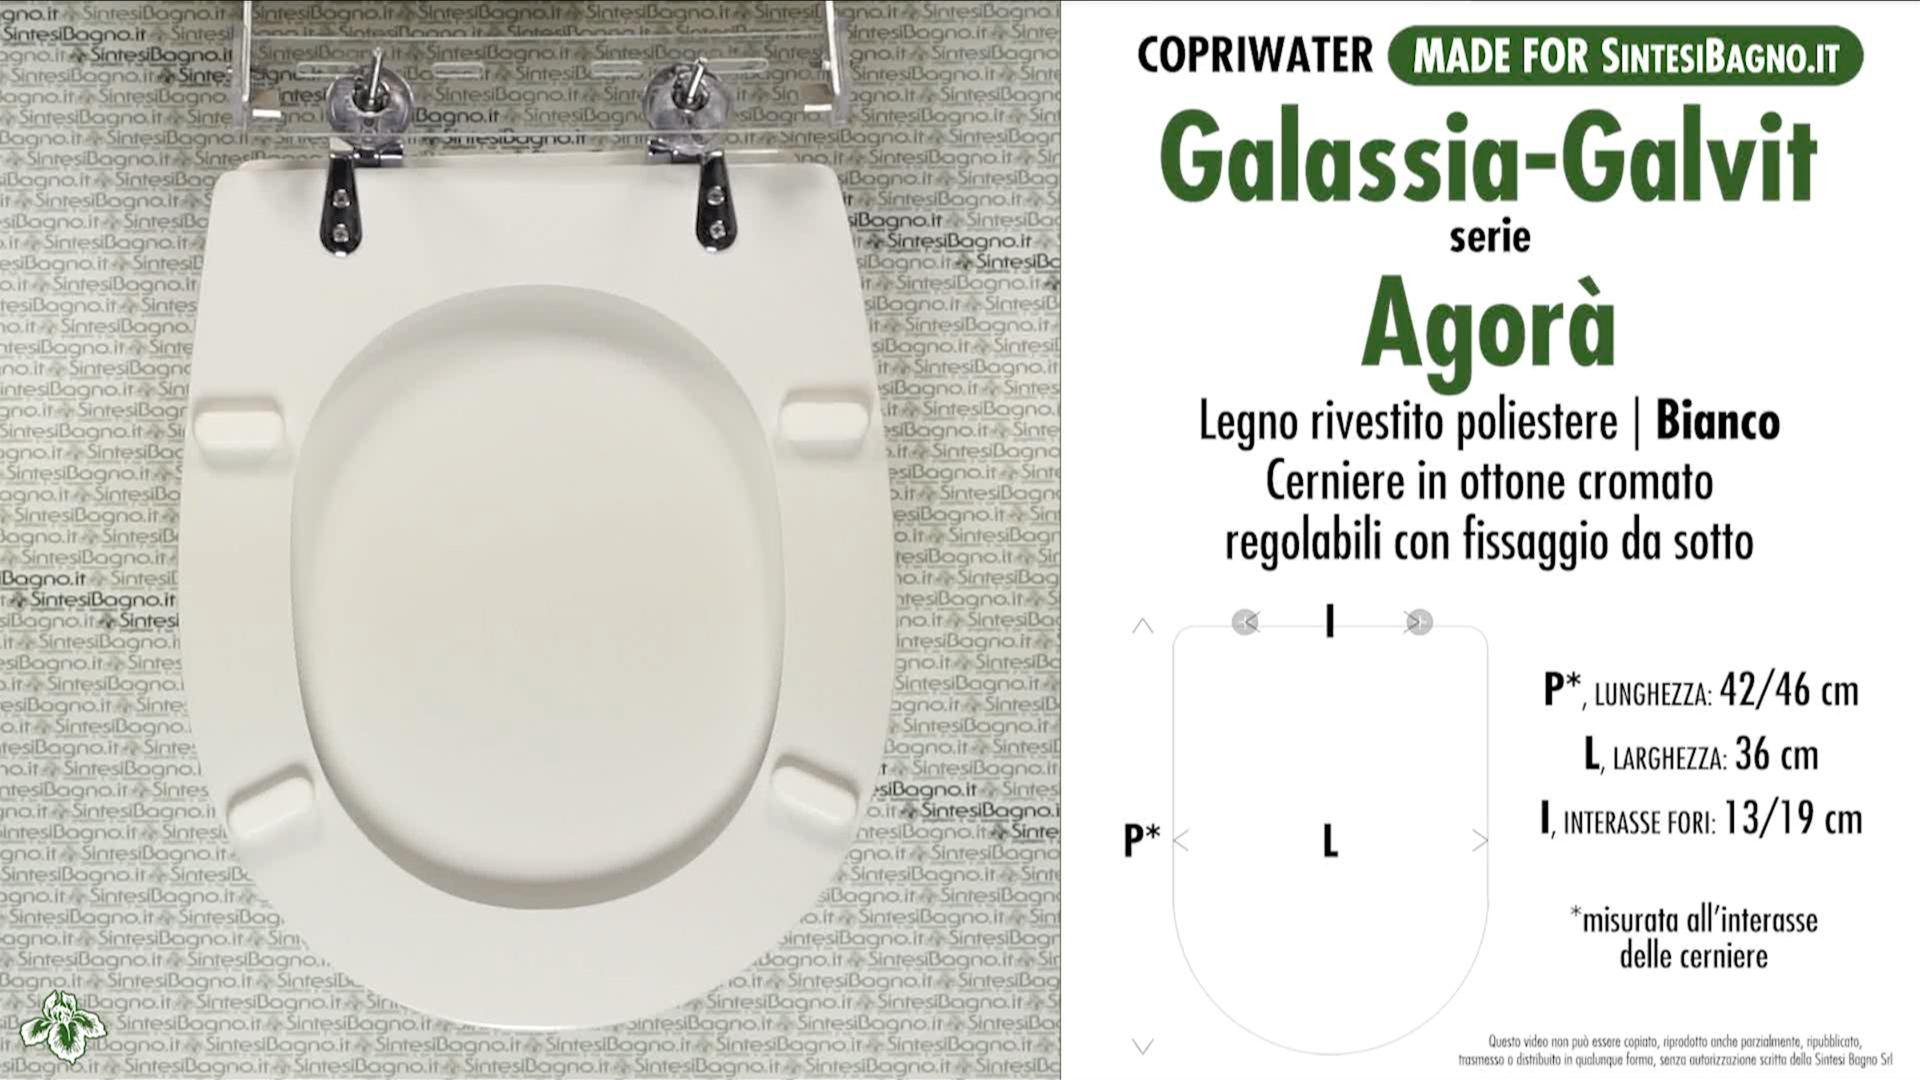 SCHEDA TECNICA MISURE copriwater GALASSIA-GALVIT AGORA'